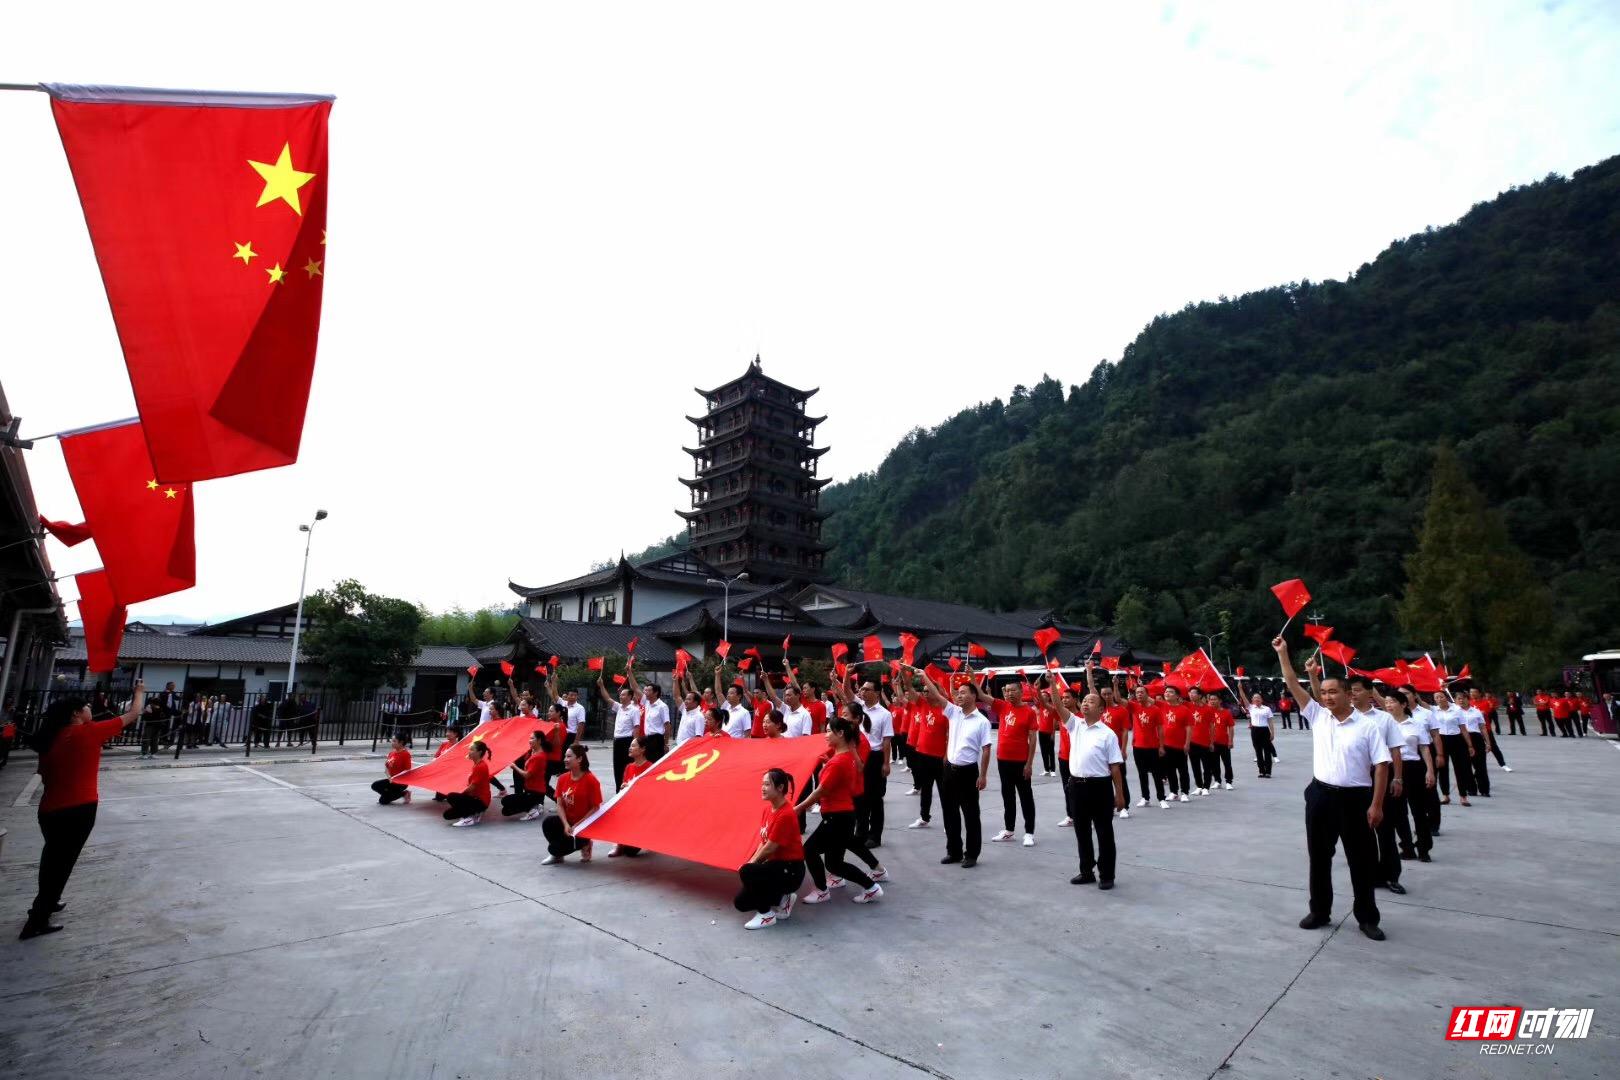 10月1日,张家界处处飘扬着鲜艳的五星红旗,将市城区和景区渲染成一片红色的海洋,市民游客以各种方式表达对祖国的祝福。各景区工作人员和游客一同收看收听庆祝中华人民共和国成立70周年大会、阅兵式和群众游行直播。(图:张潘、李森林、鄢渊、符伟、高双志、顾万双、碧霄、宋戈、张青青、吴勇兵、许志华)